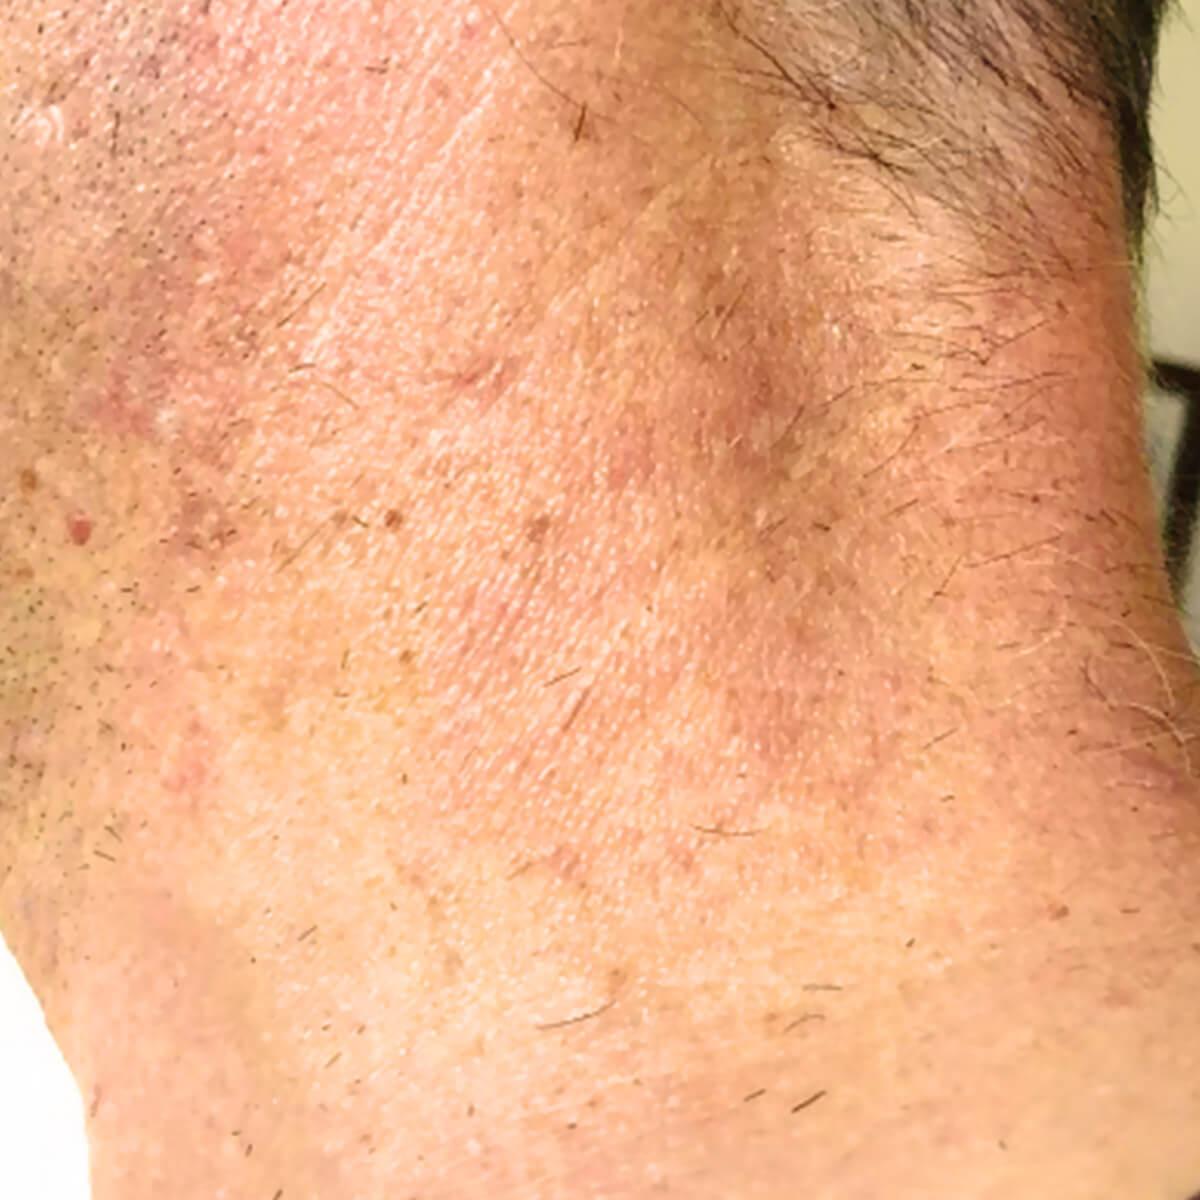 Neurodermitis Vorher-Nachher Vergleich: Nachher